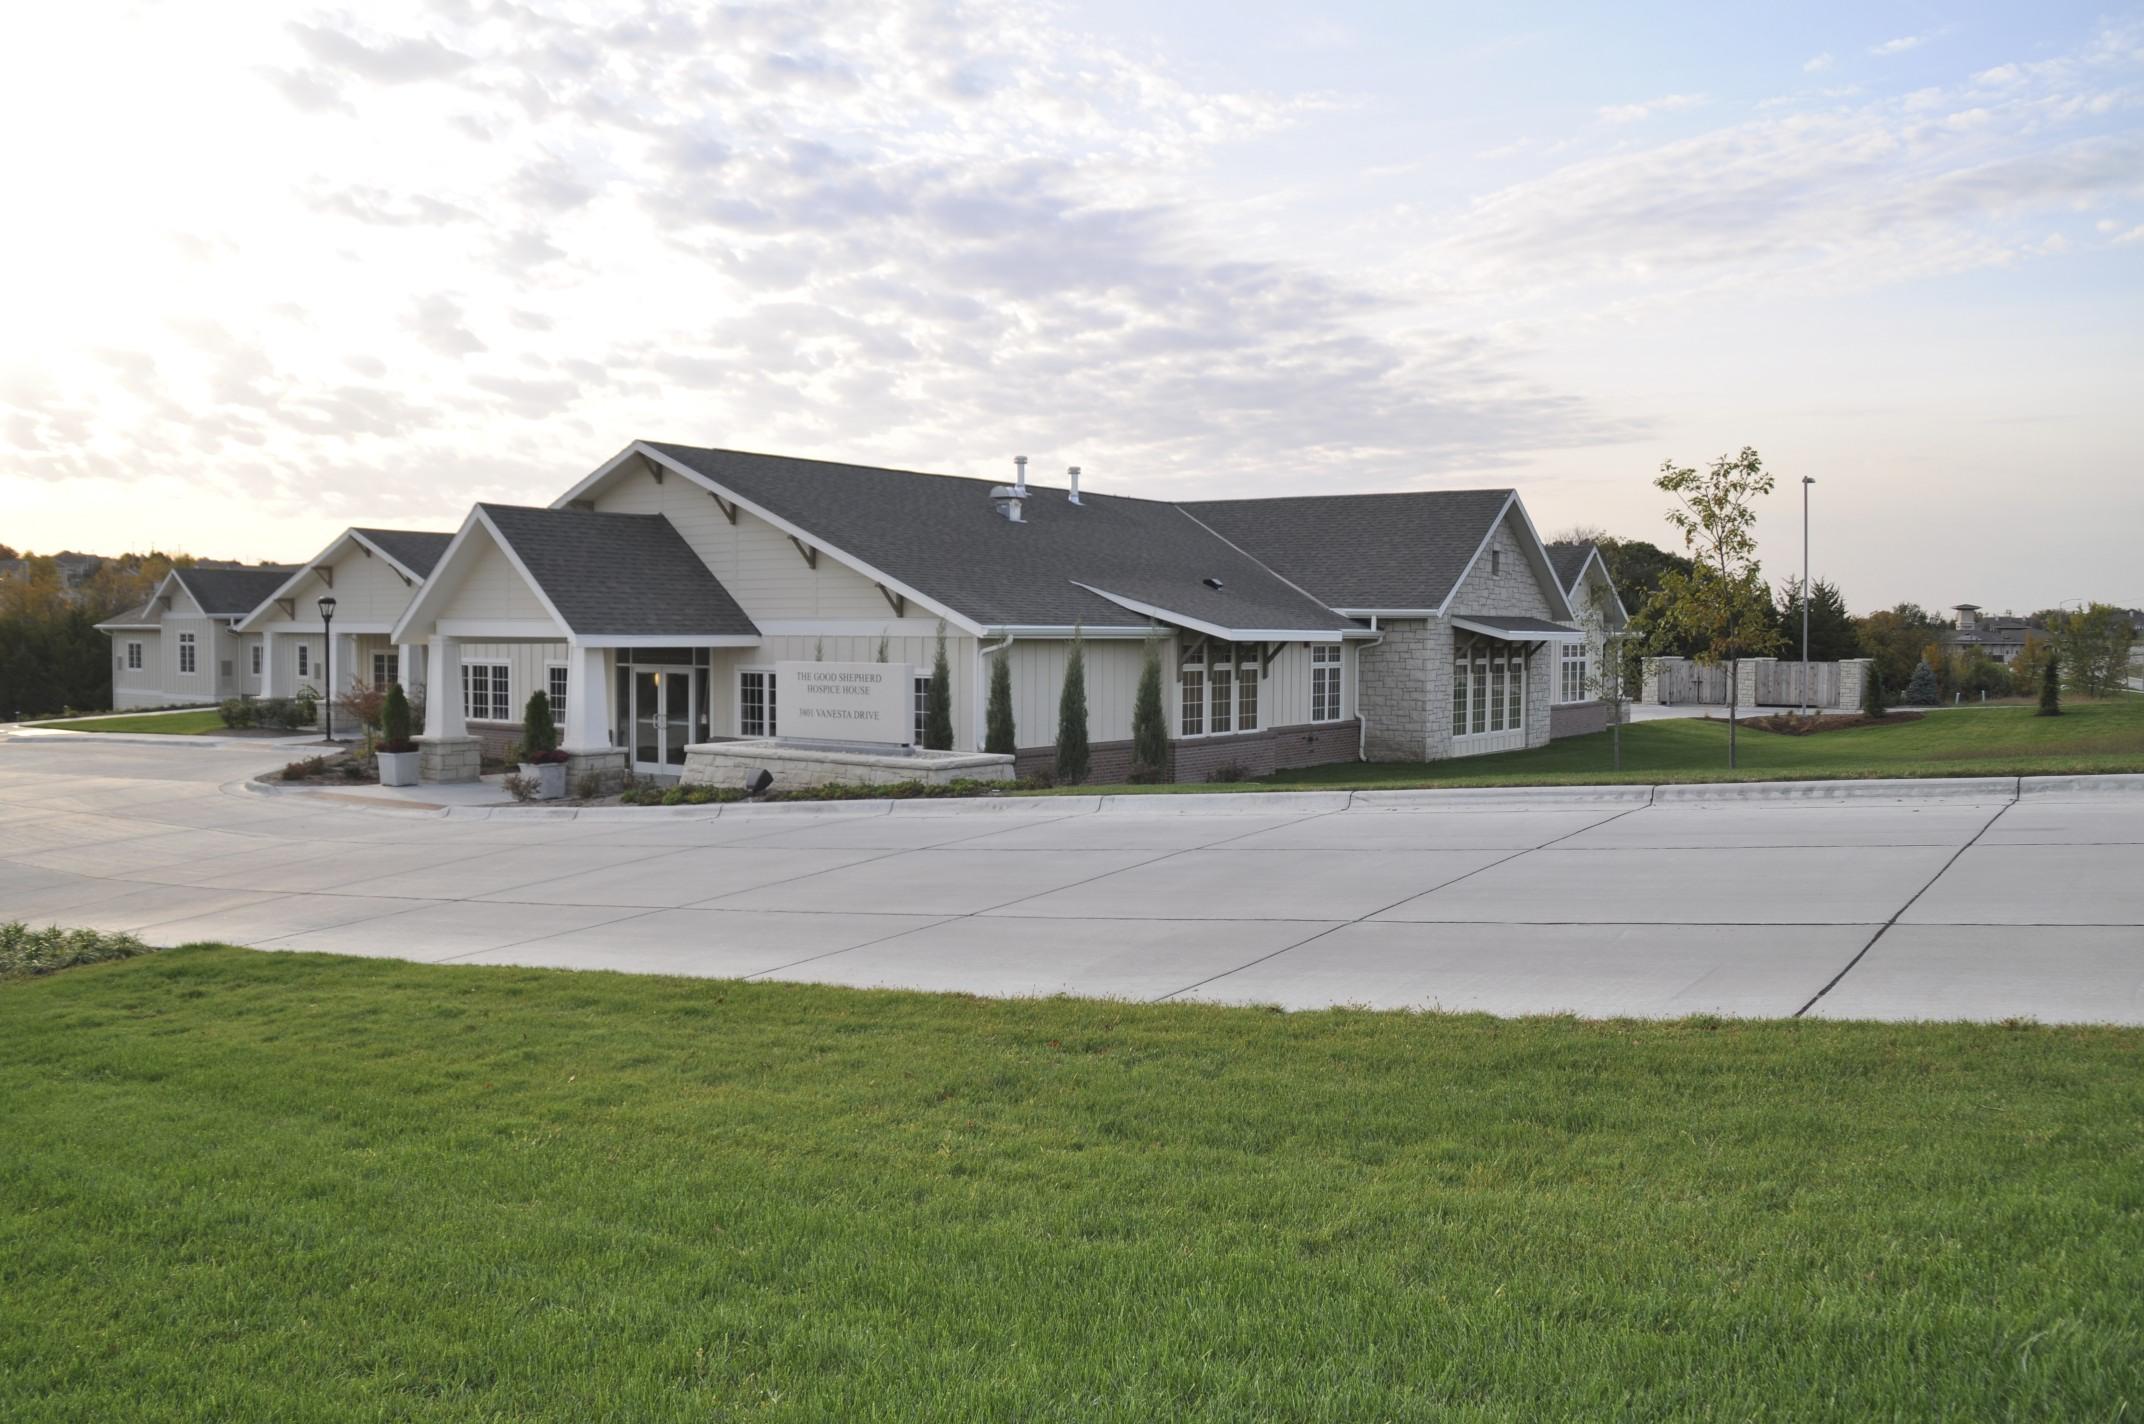 Homecare & Hospice New Site & Facility